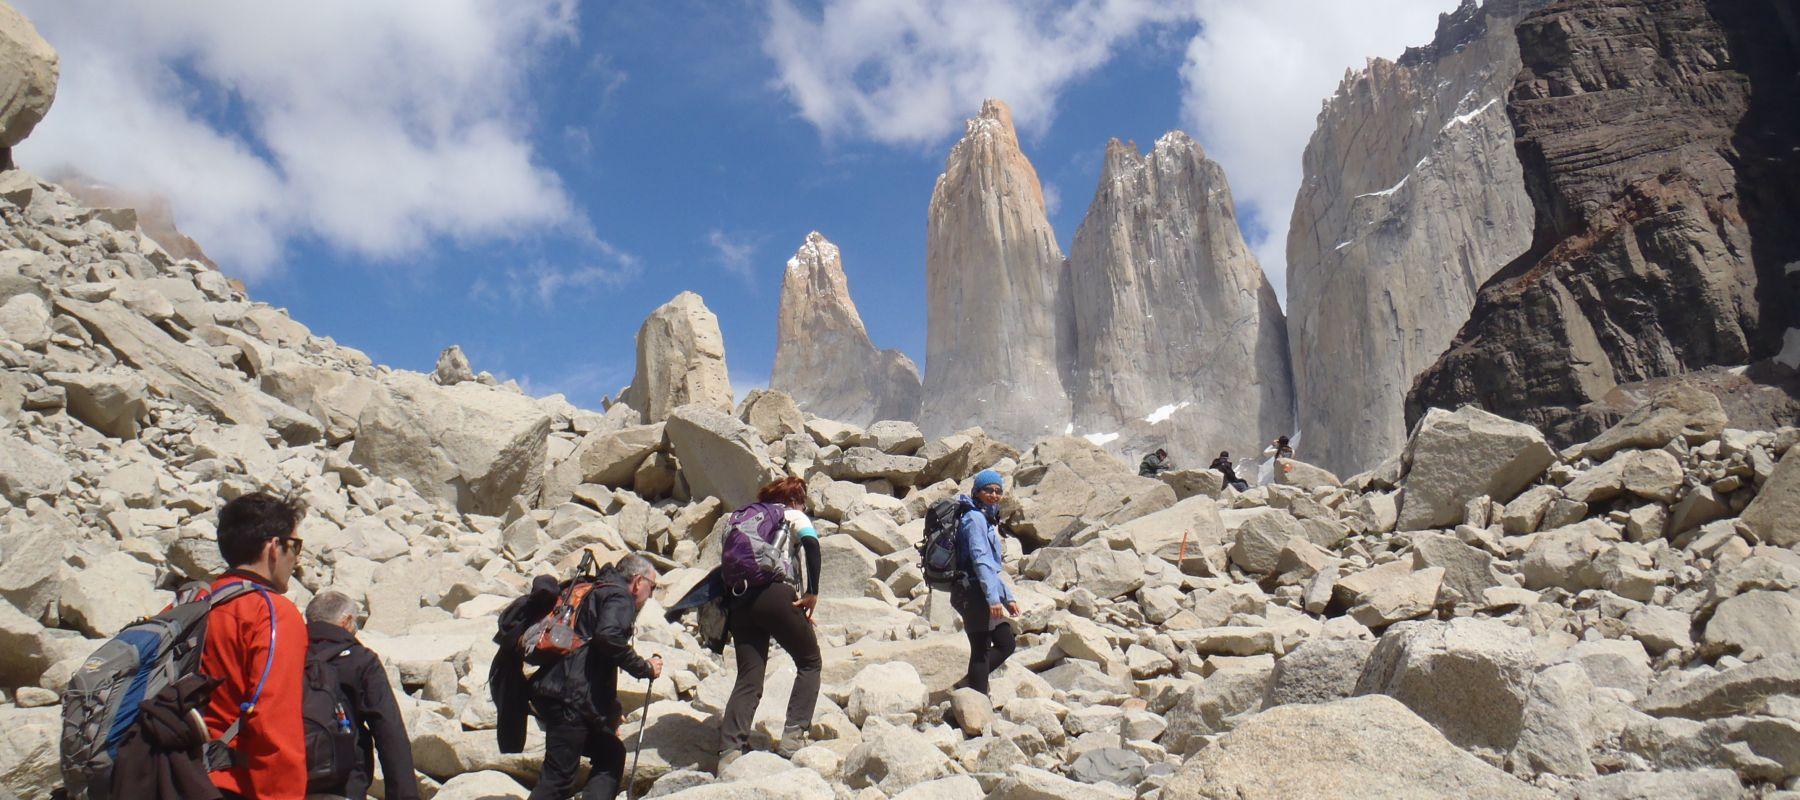 Treakking In Torres Del Paine